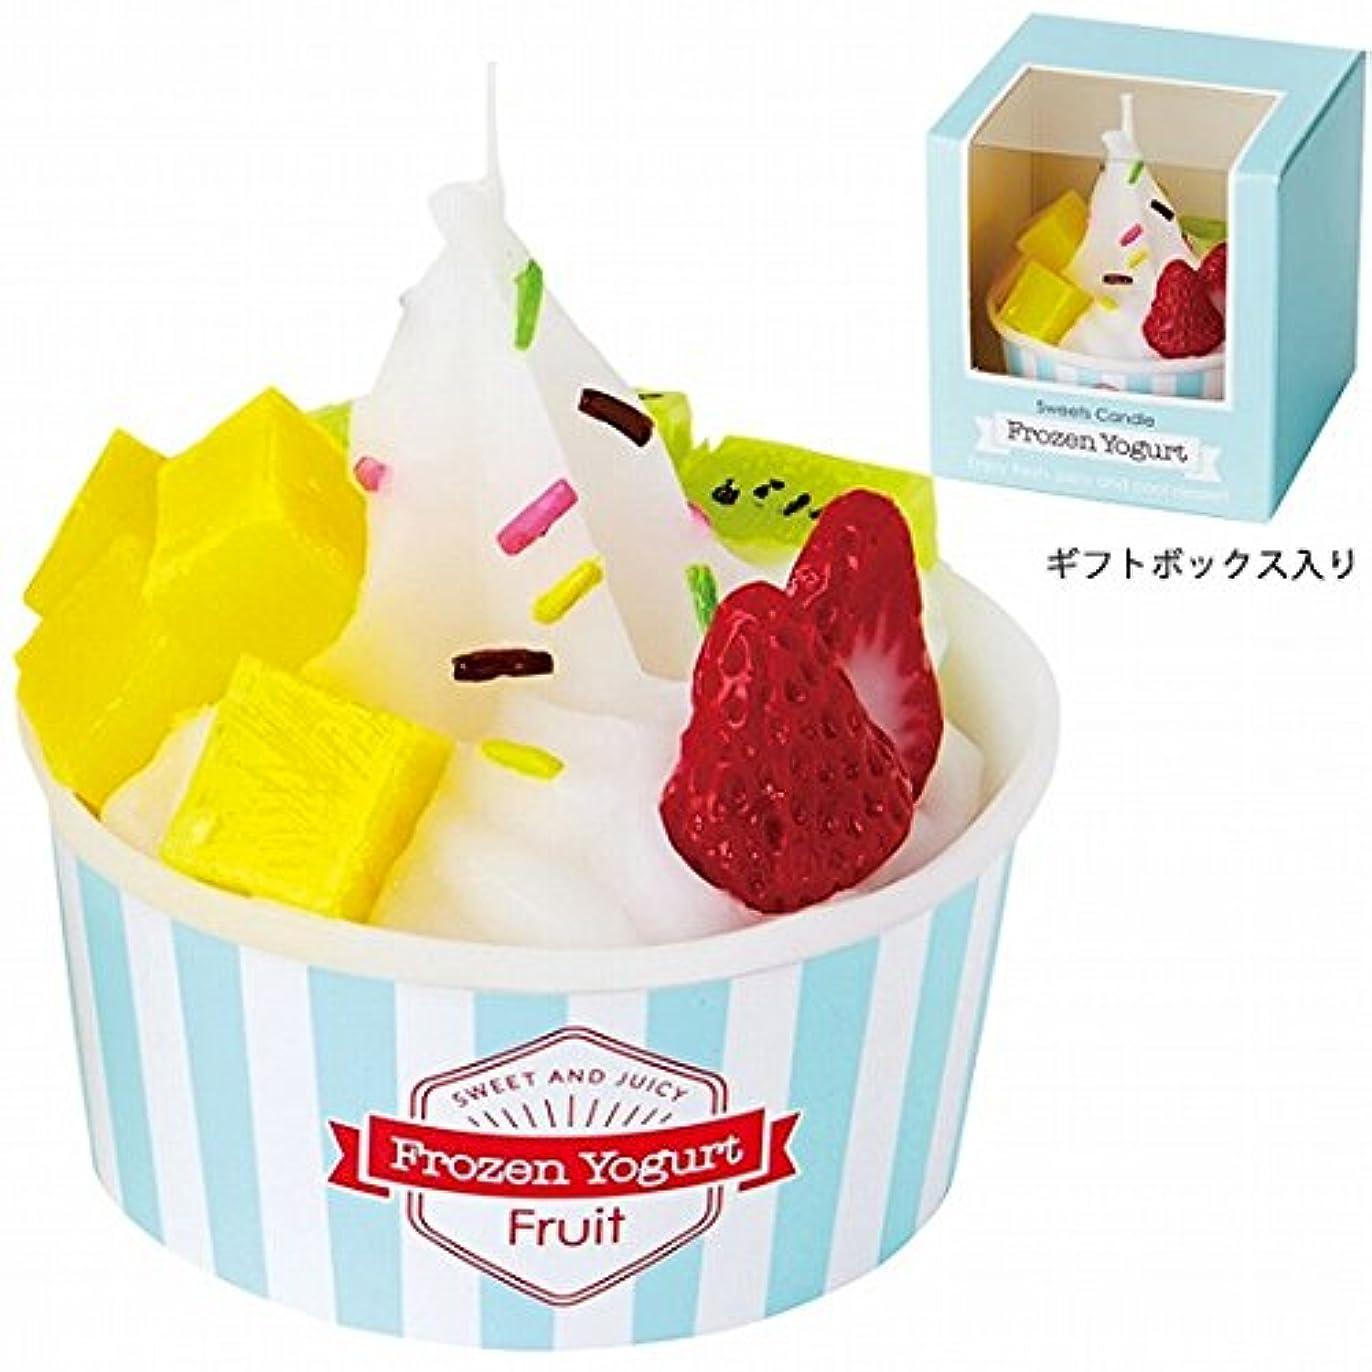 ただ債務アレルギーkameyama candle(カメヤマキャンドル) フローズンヨーグルトキャンドル 「フルーツ」 4個セット(A4670520)